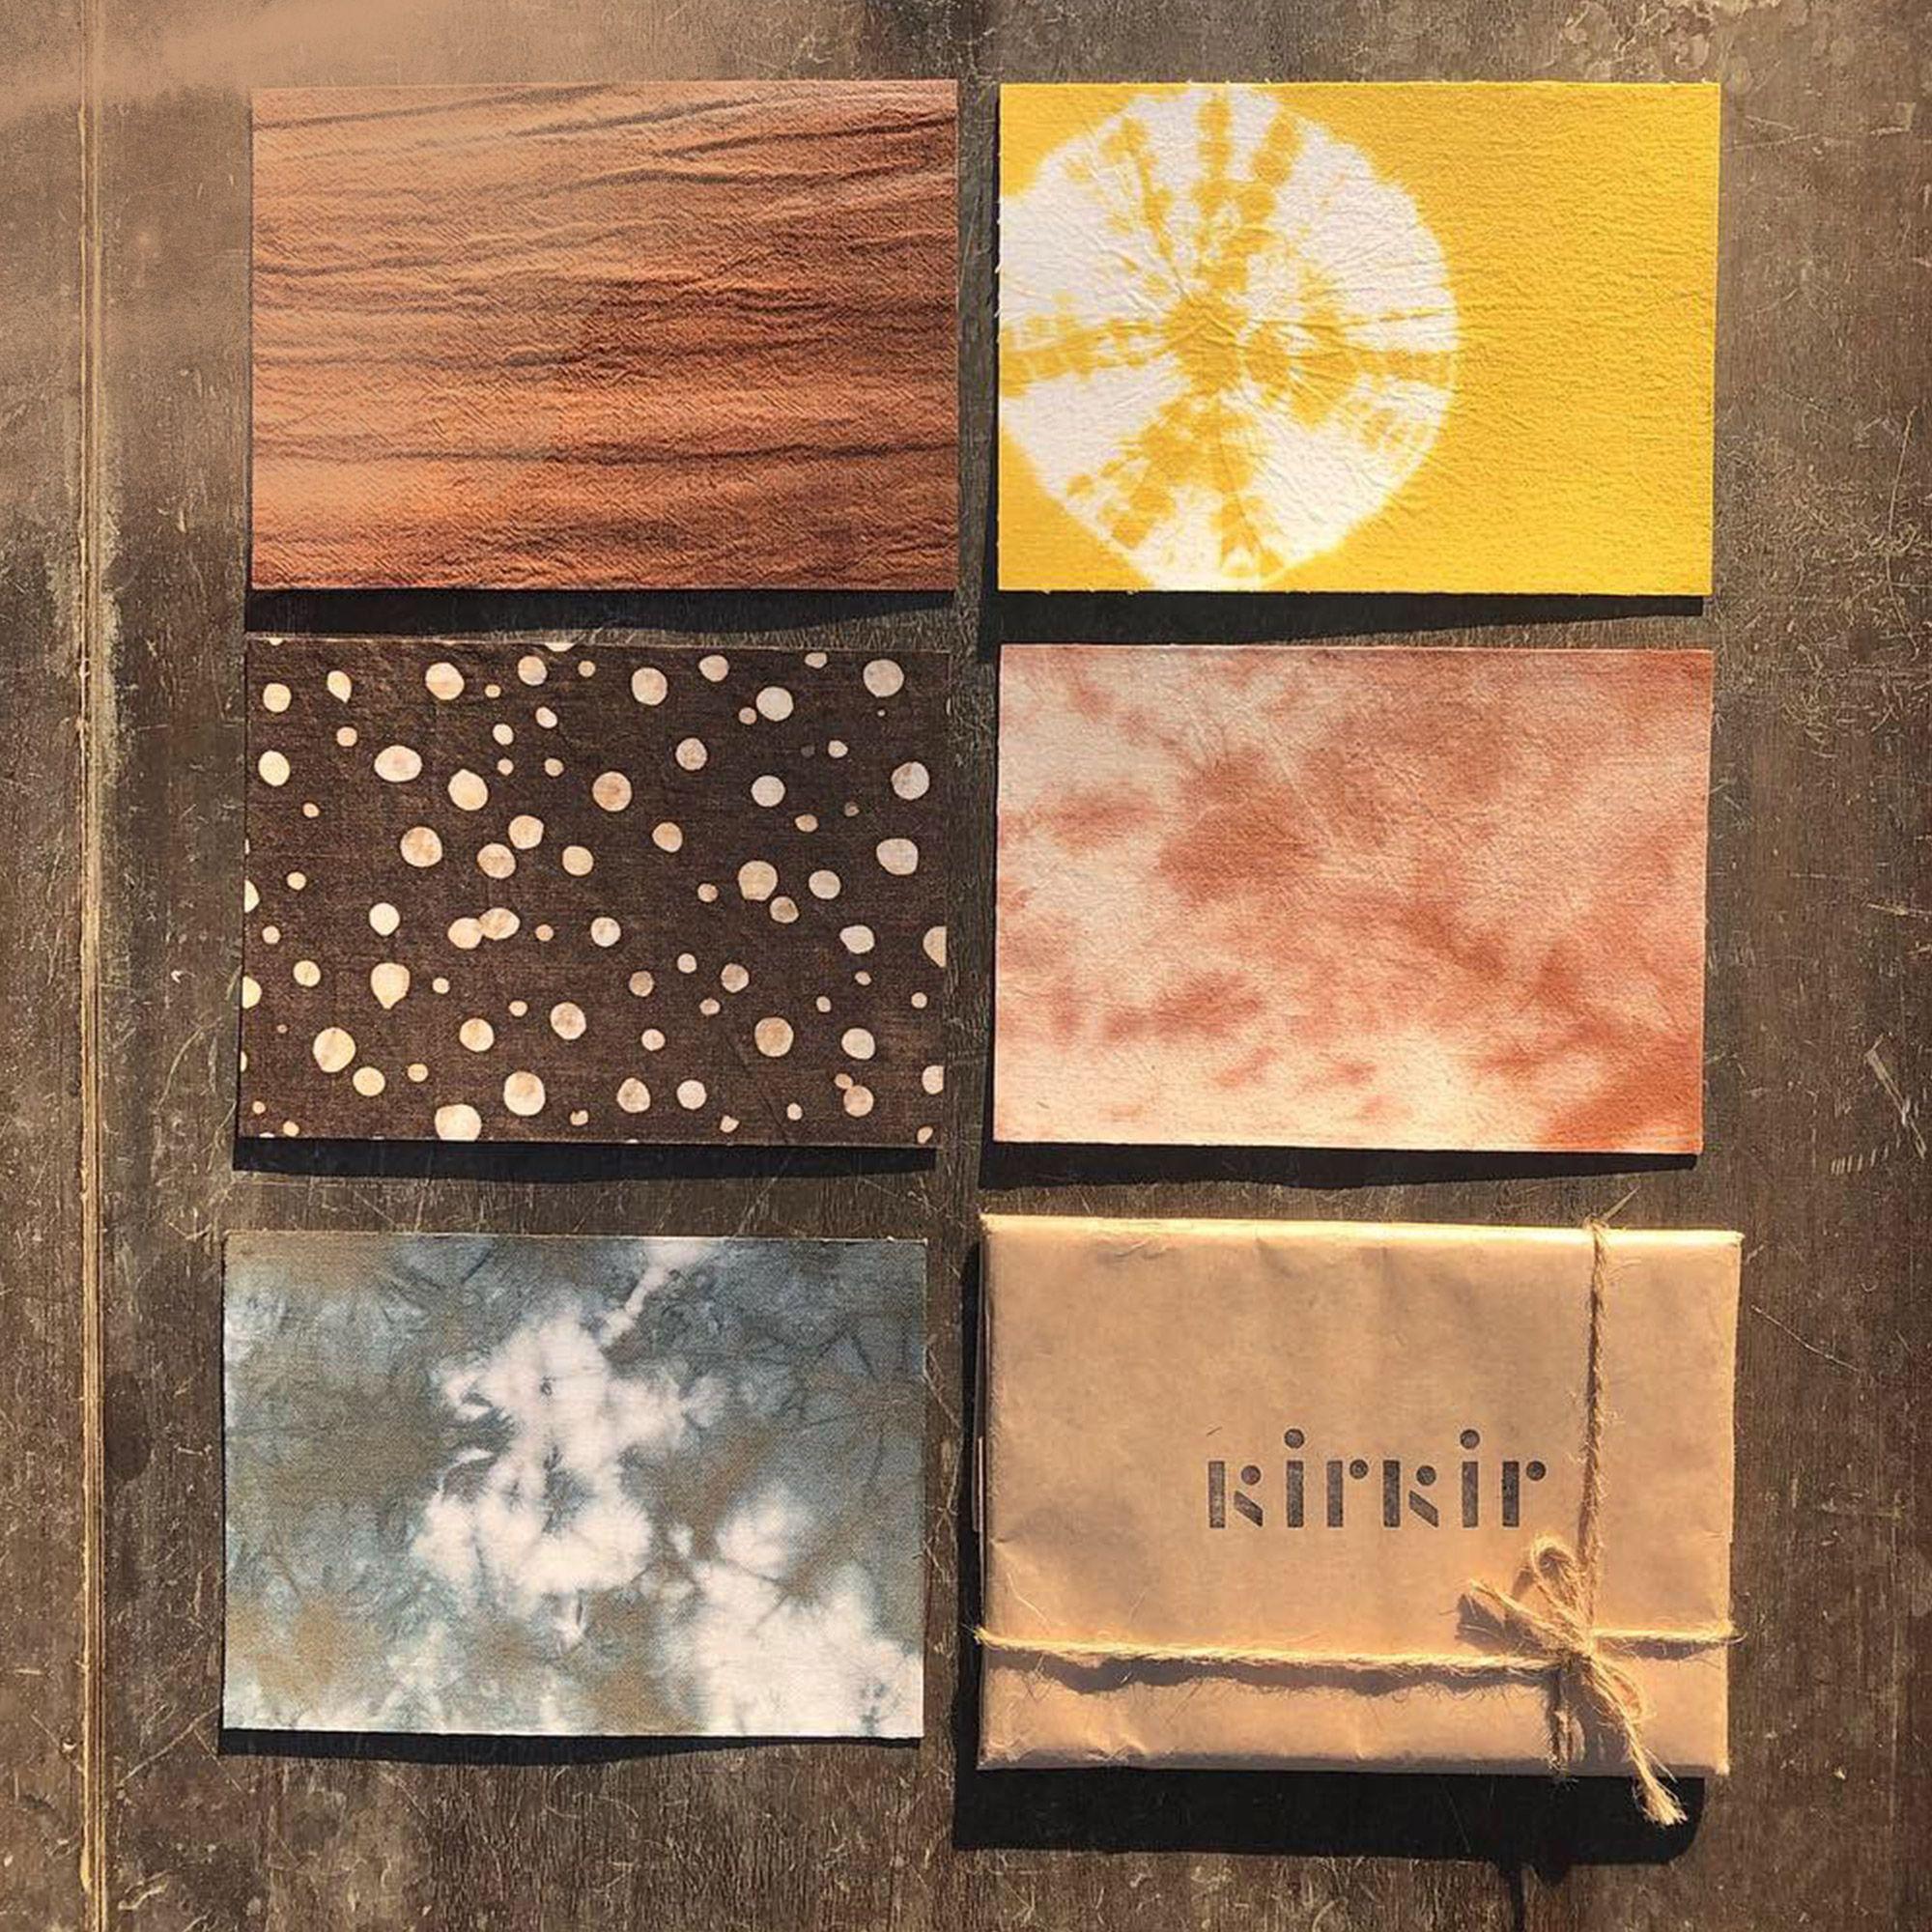 【新埔柿染坊】染布明信片,傳遞一份更有溫度的情感和一份珍藏的 紀念小物